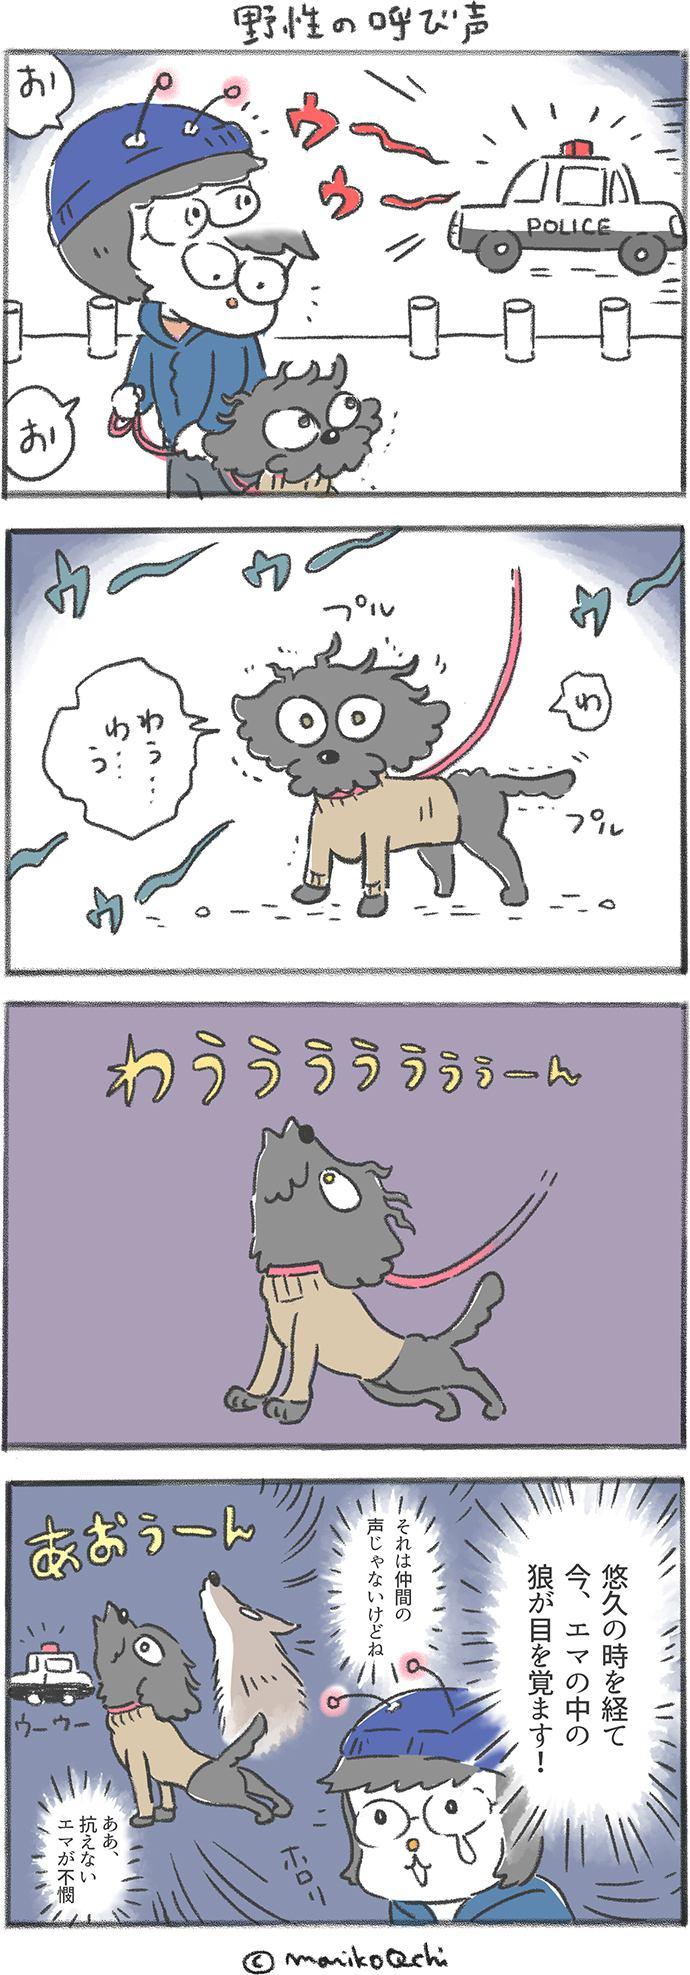 犬と暮らせば第61話